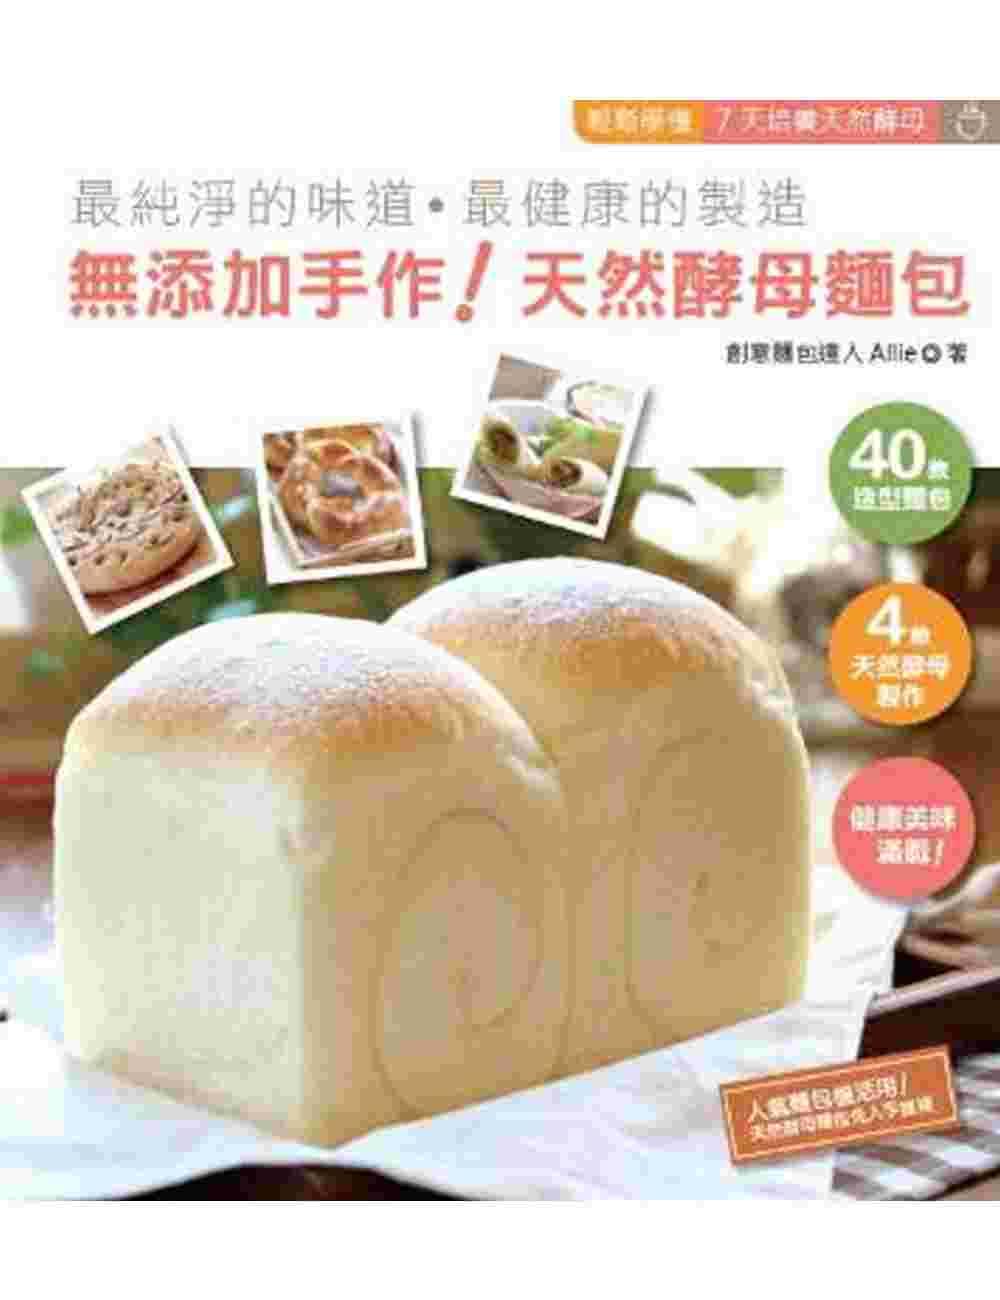 無添加手作!天然酵母麵包